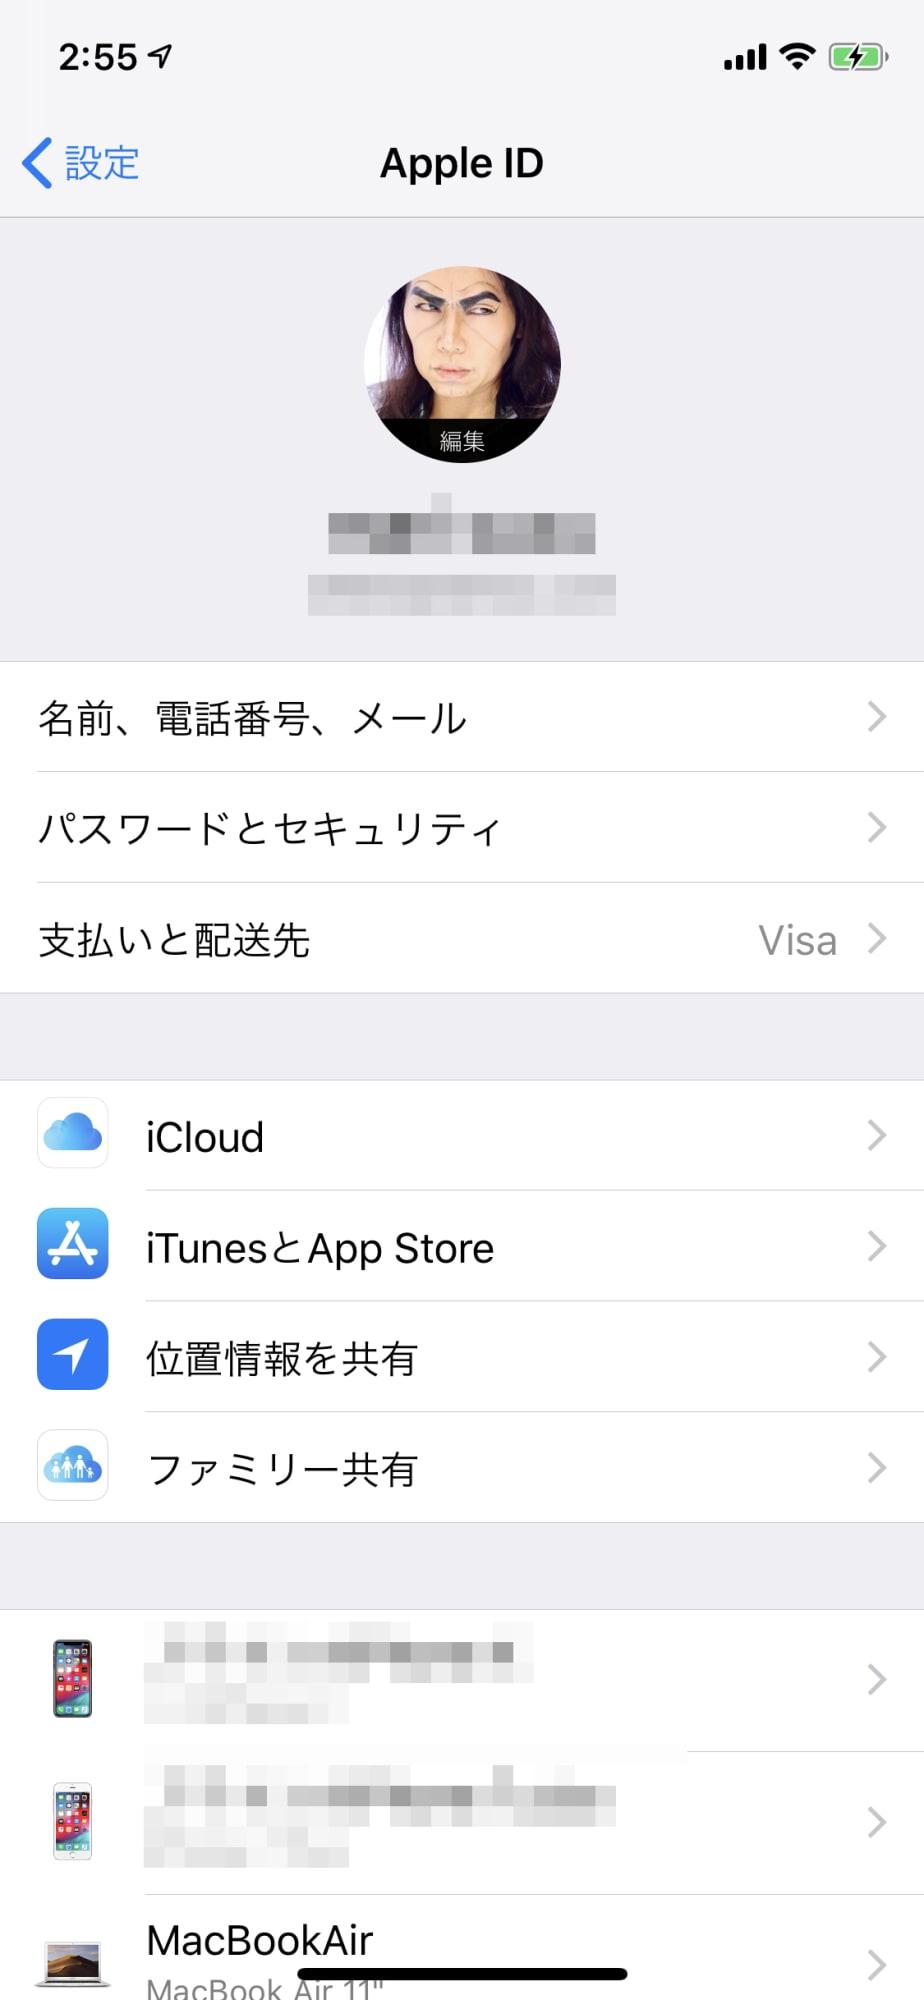 Apple IDの設定を変更してみました